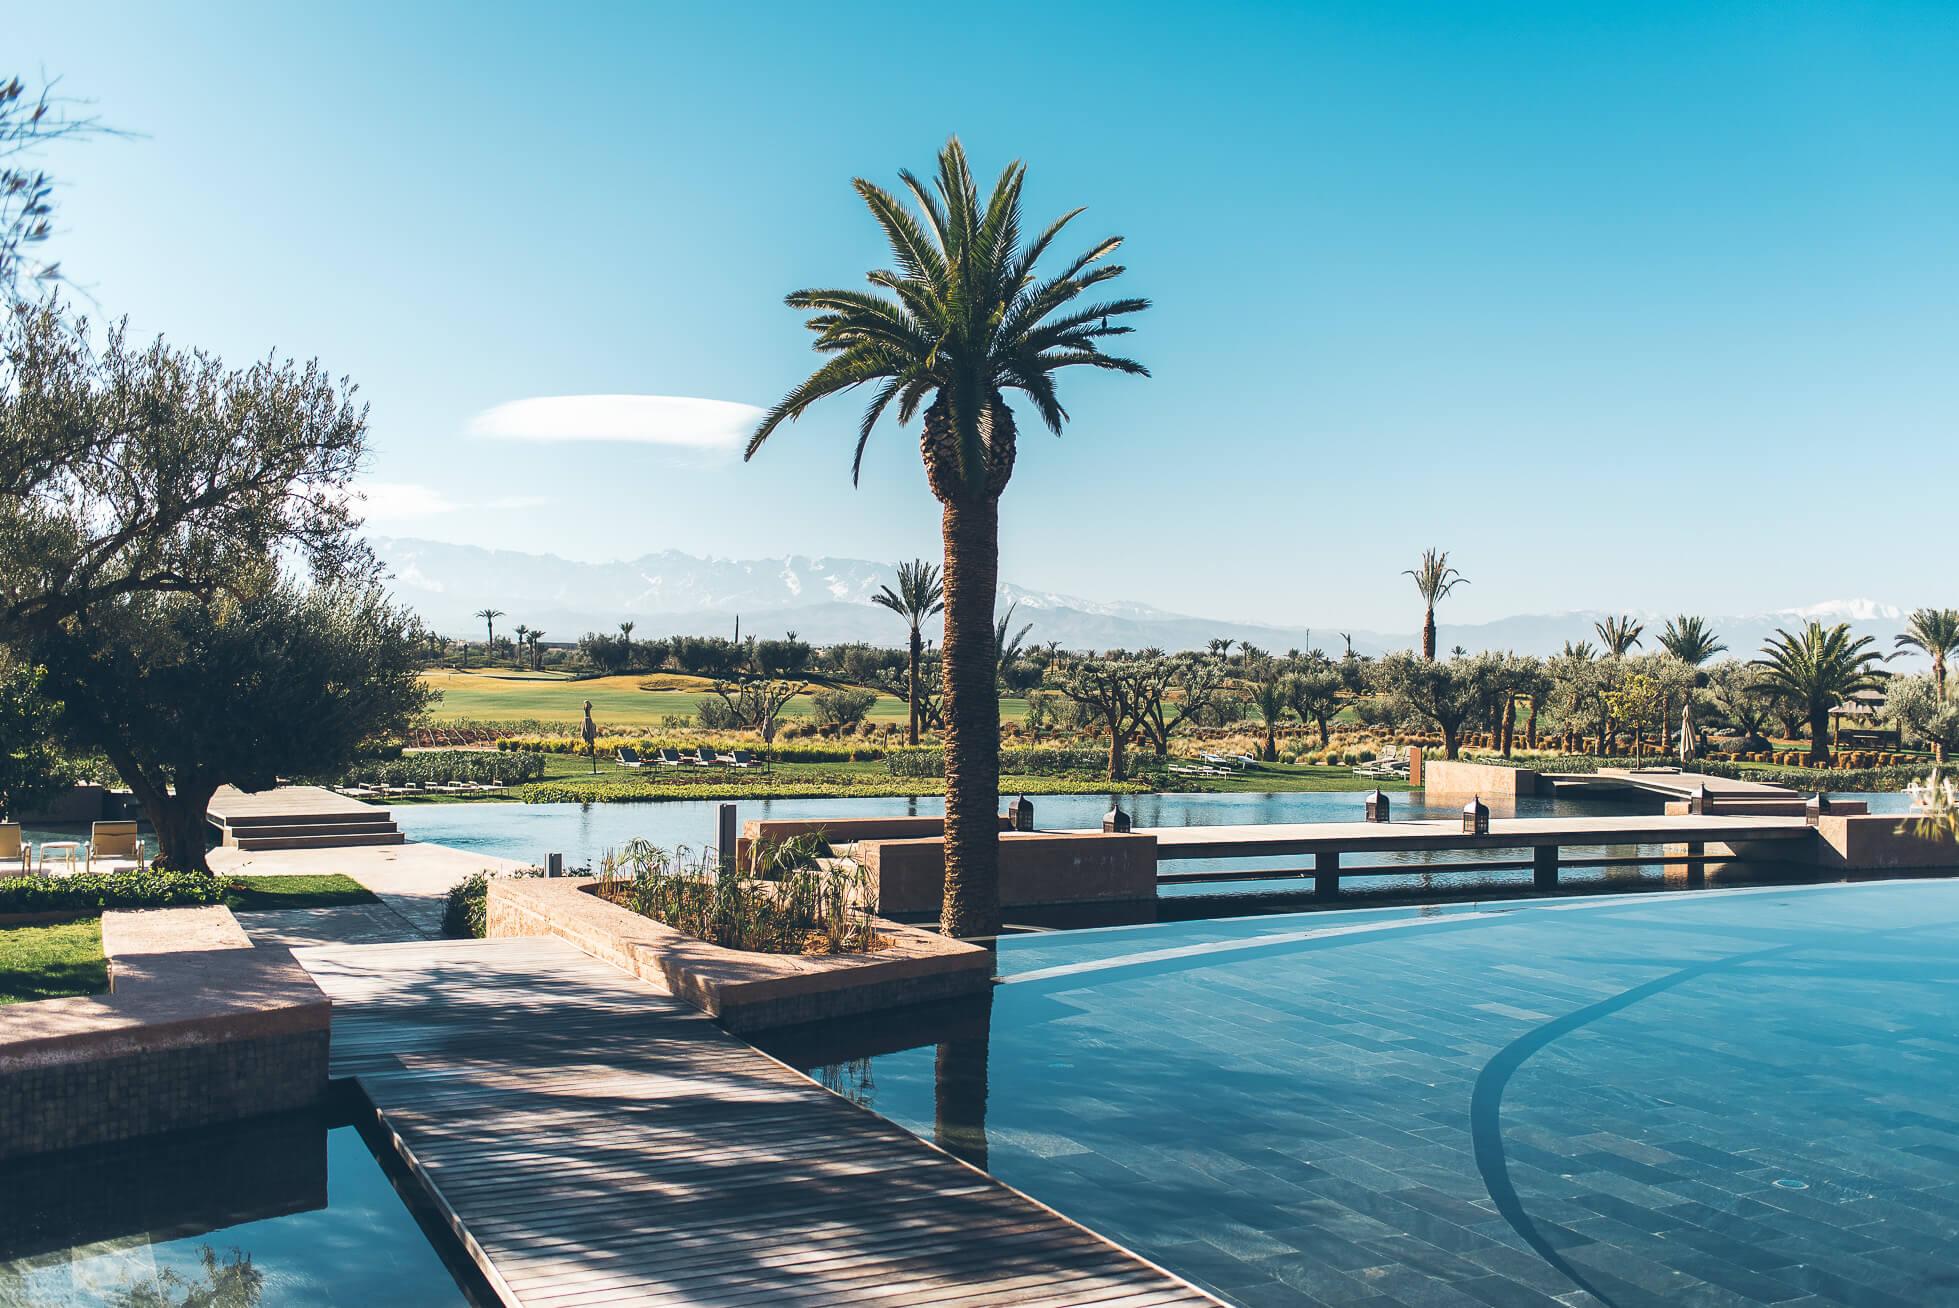 janni-deler-pool-breakfastDSC_9662